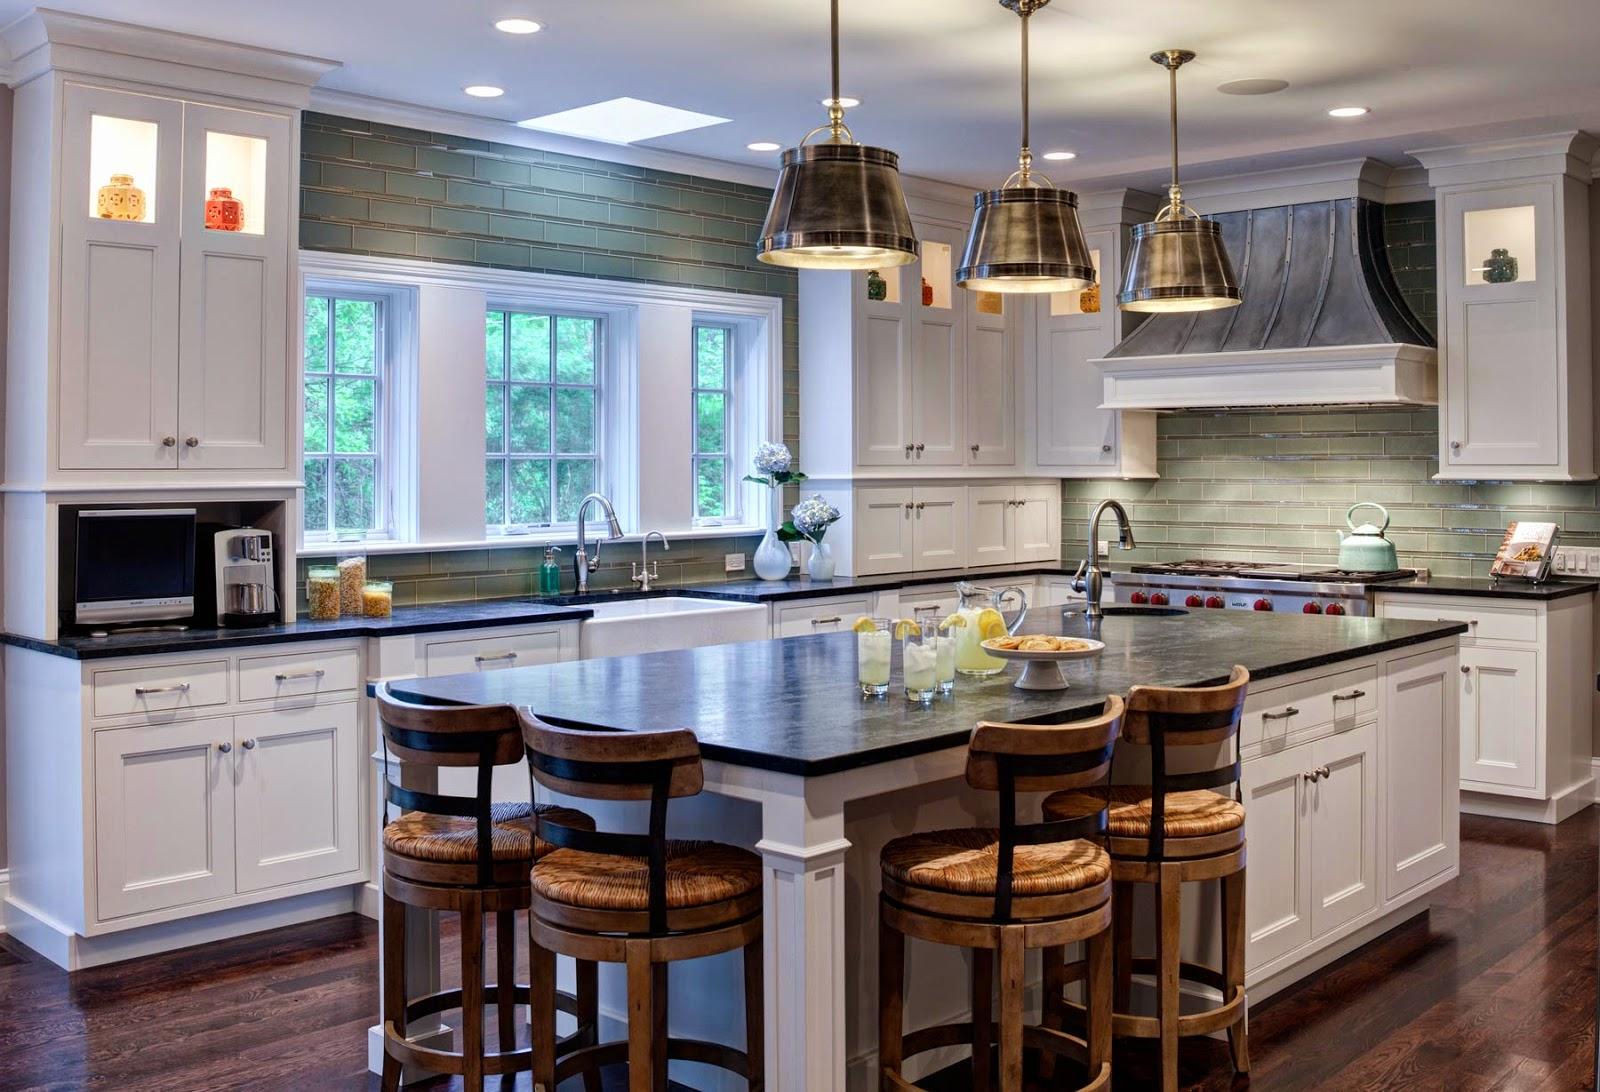 Чтобы разместить остров на кухне, требуется достаточно большое пространство